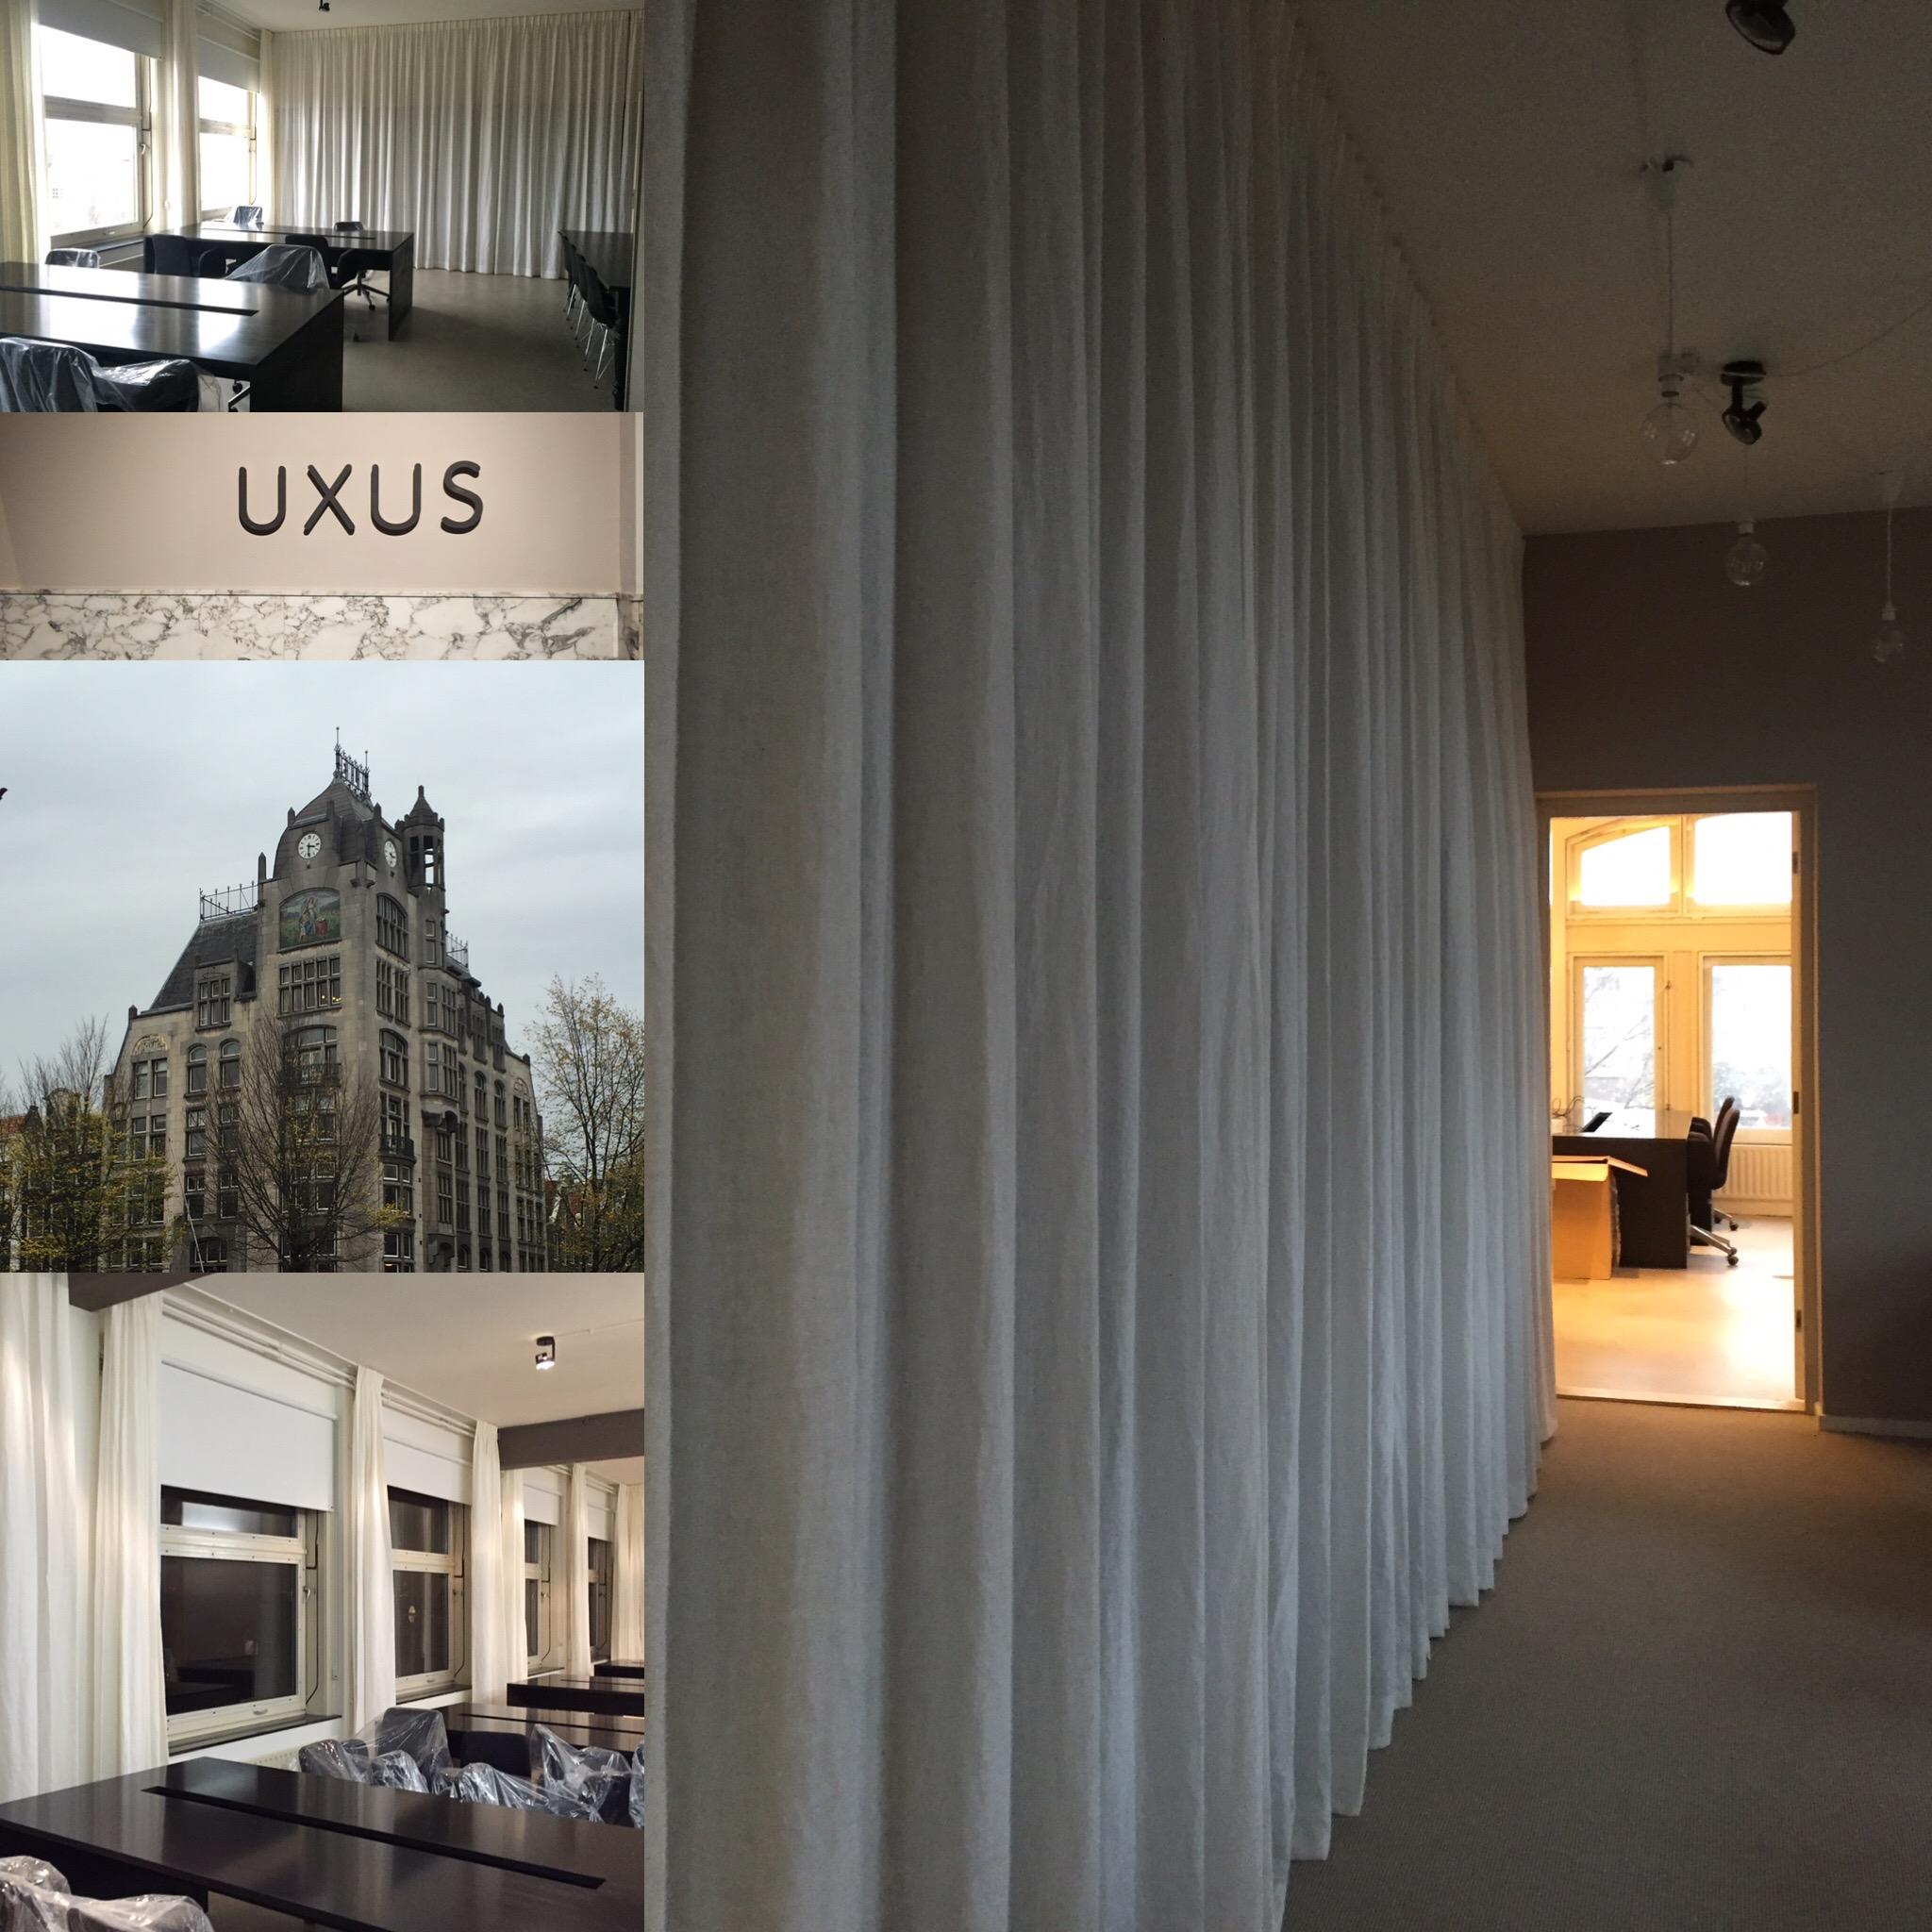 Kantoor UXUS Amsterdam